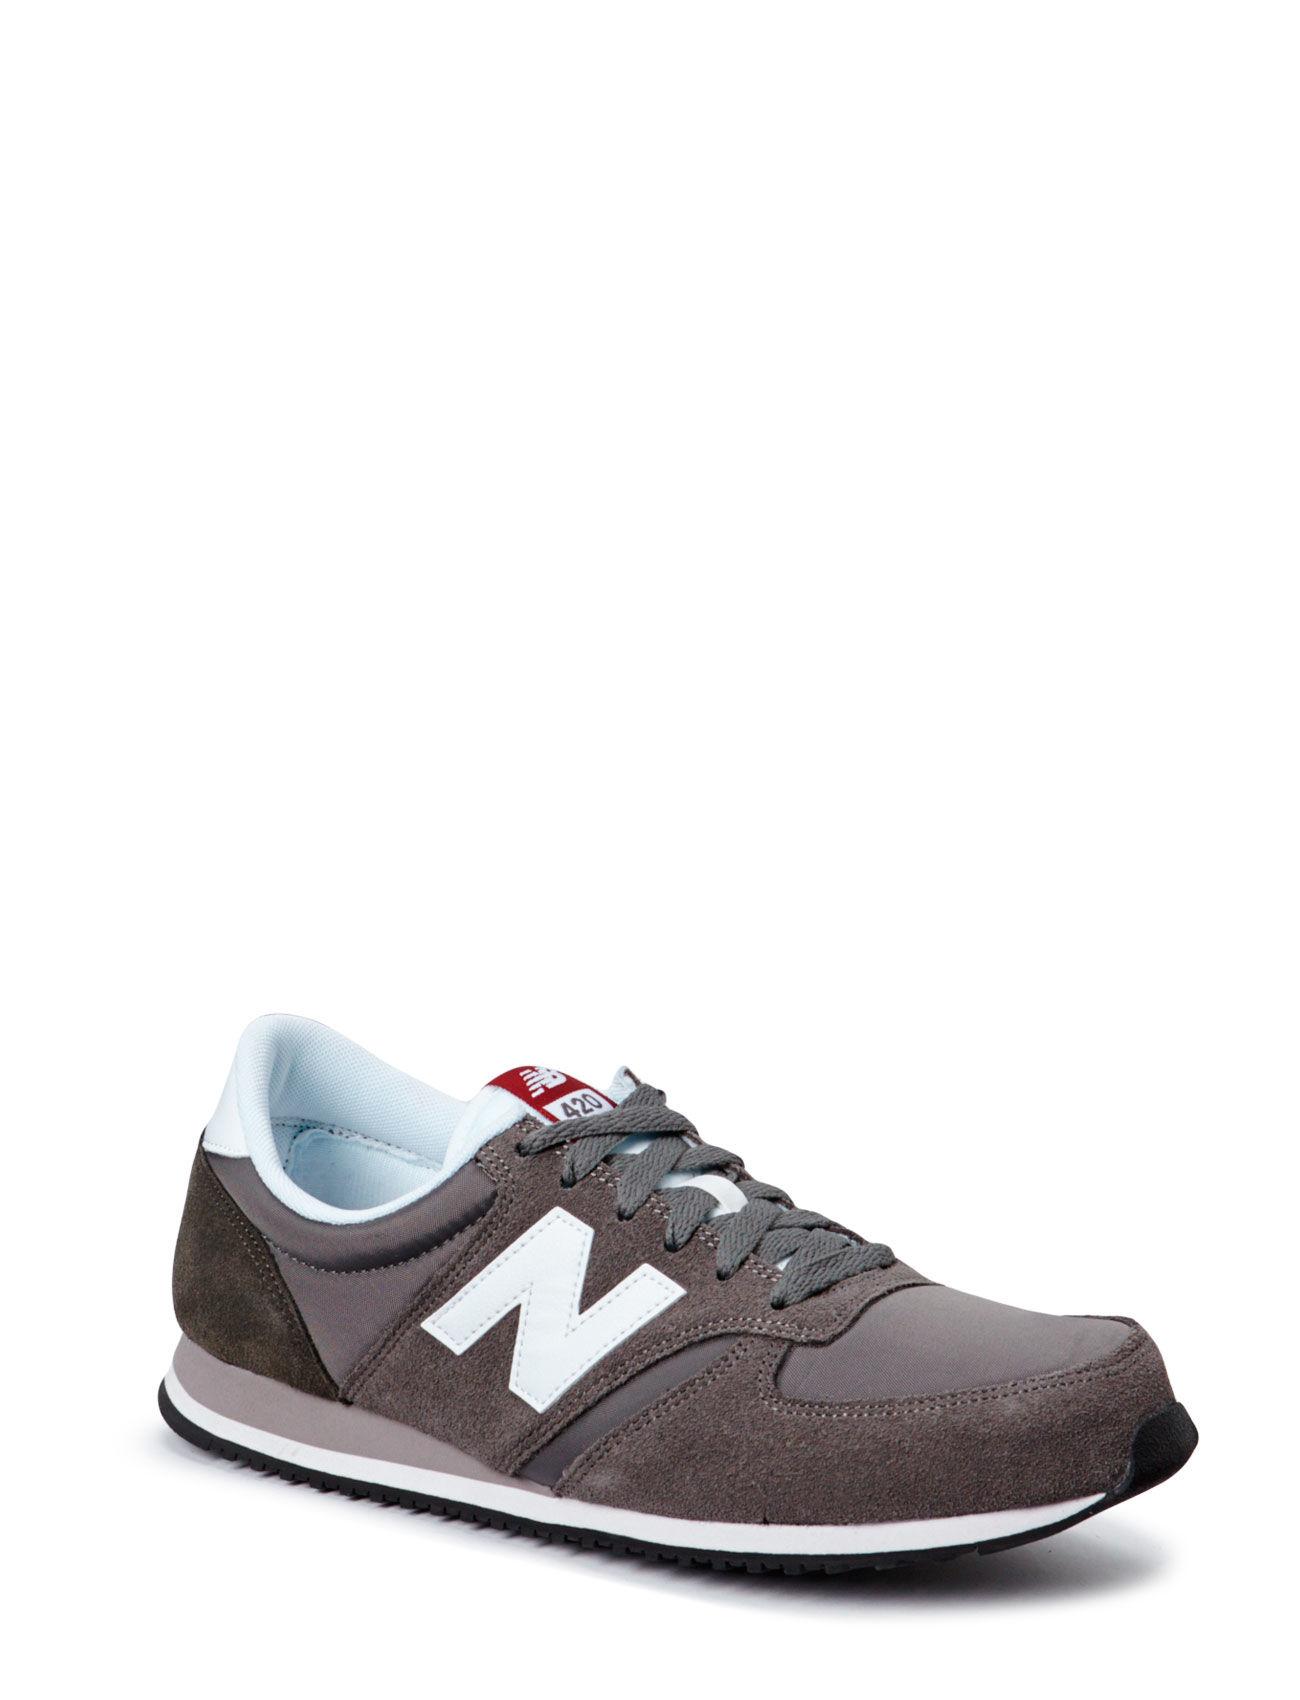 U420 New Balance Sneakers til Herrer i